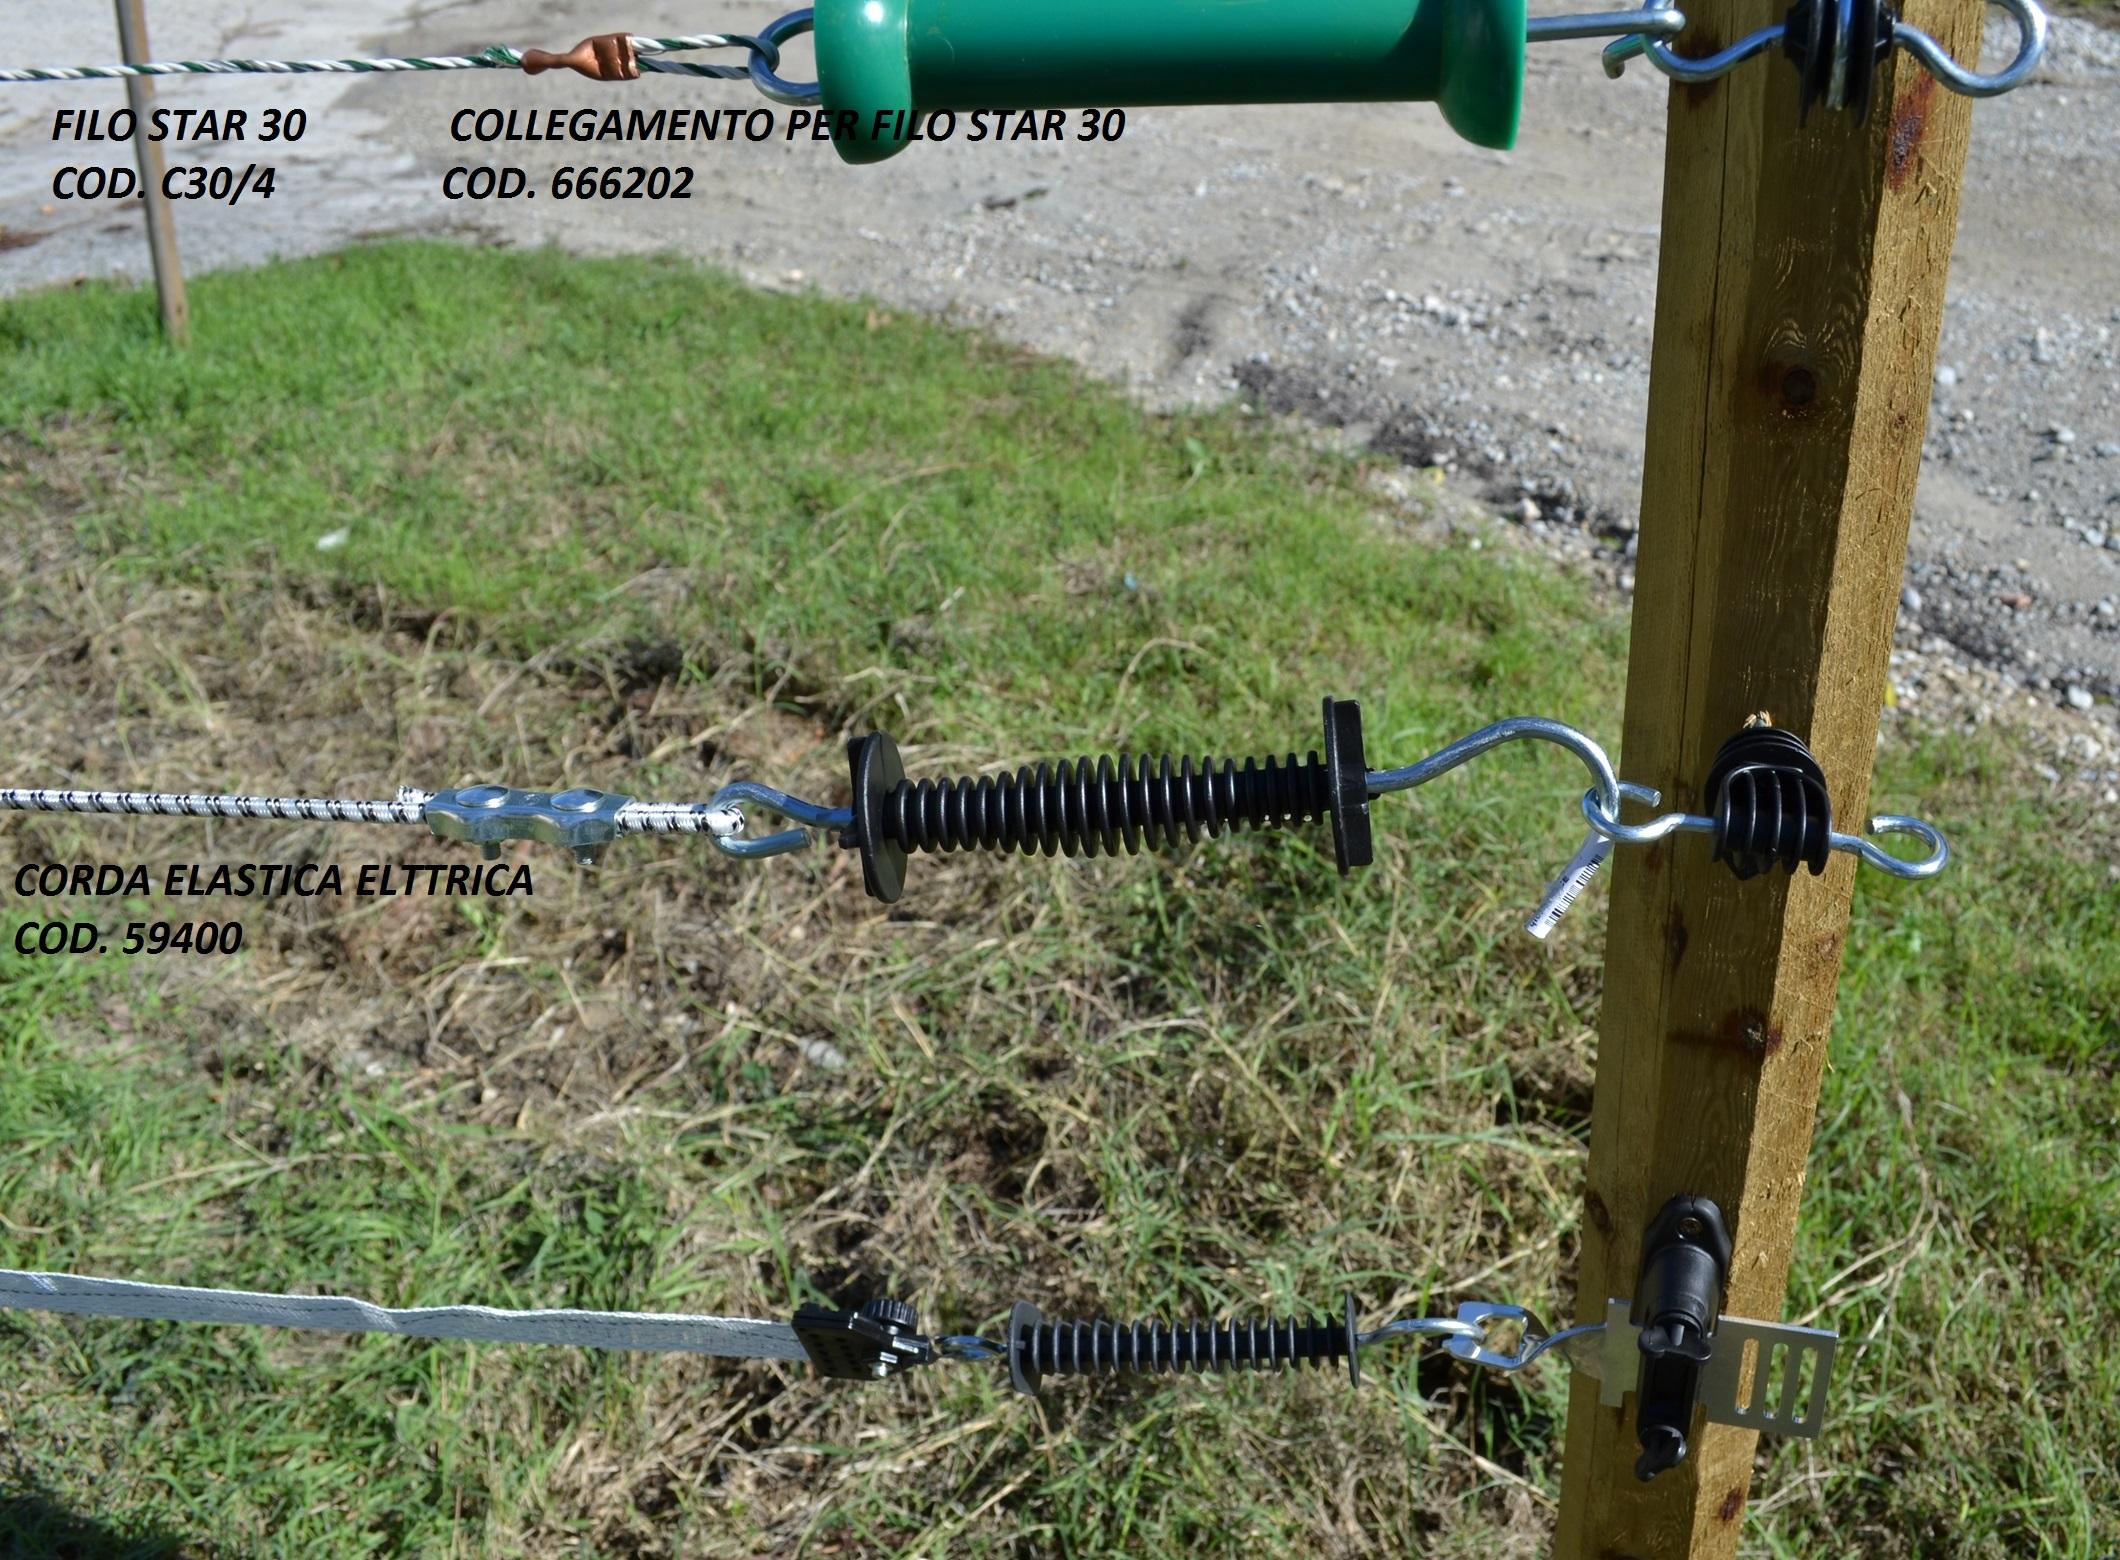 Schema recinto elettrico per cinghiali recinti elettrici for Recinzione elettrica per capre